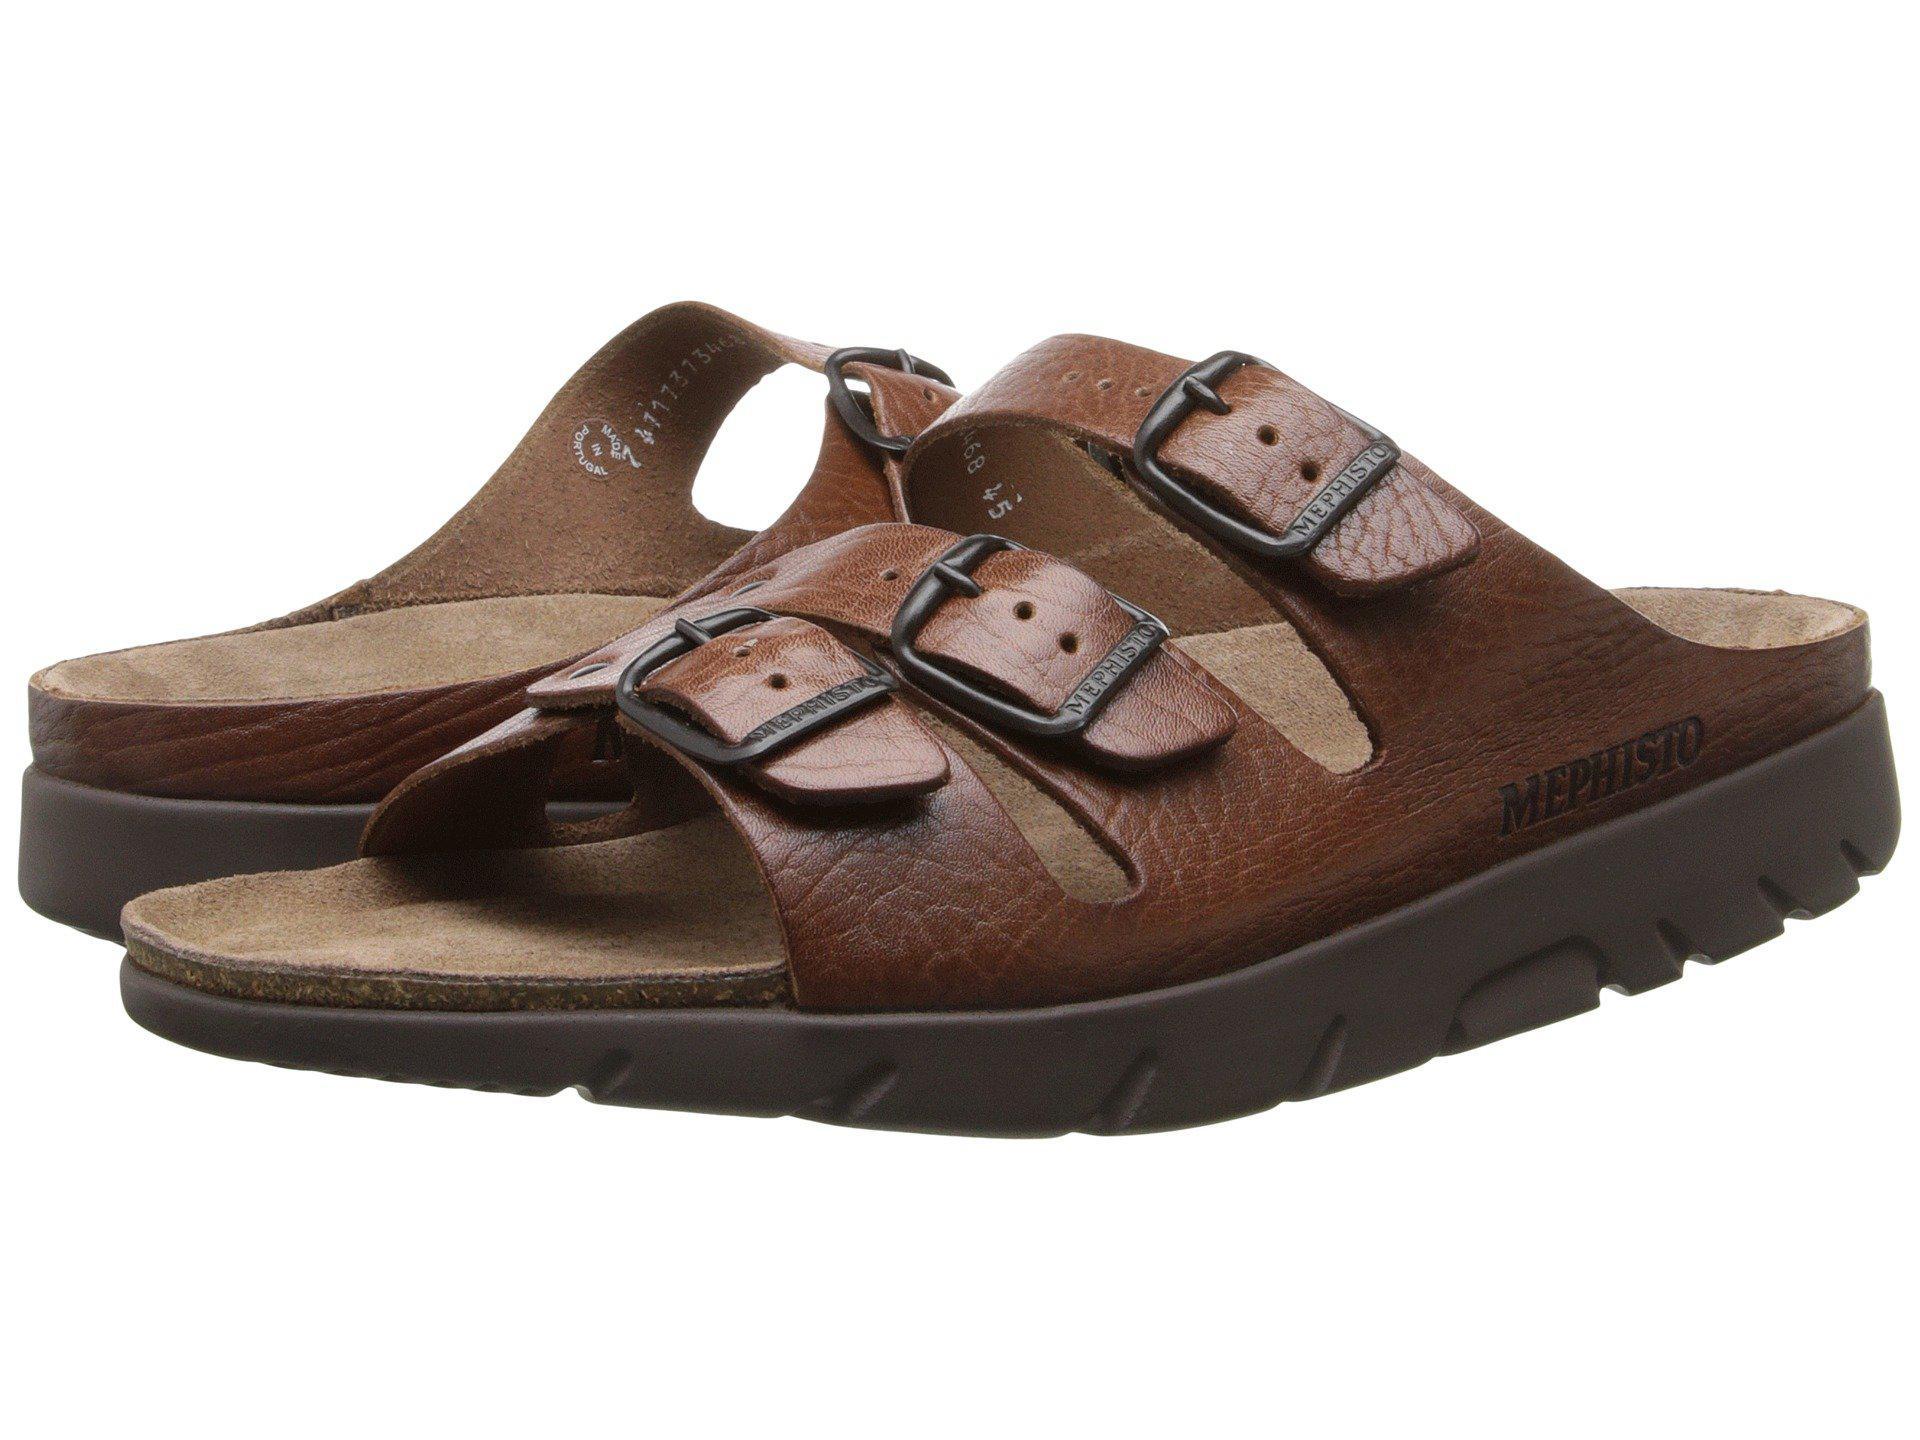 c404fda8d26c Mephisto - Brown Zach (tan Full Grain Leather) Men s Sandals for Men -  Lyst. View fullscreen